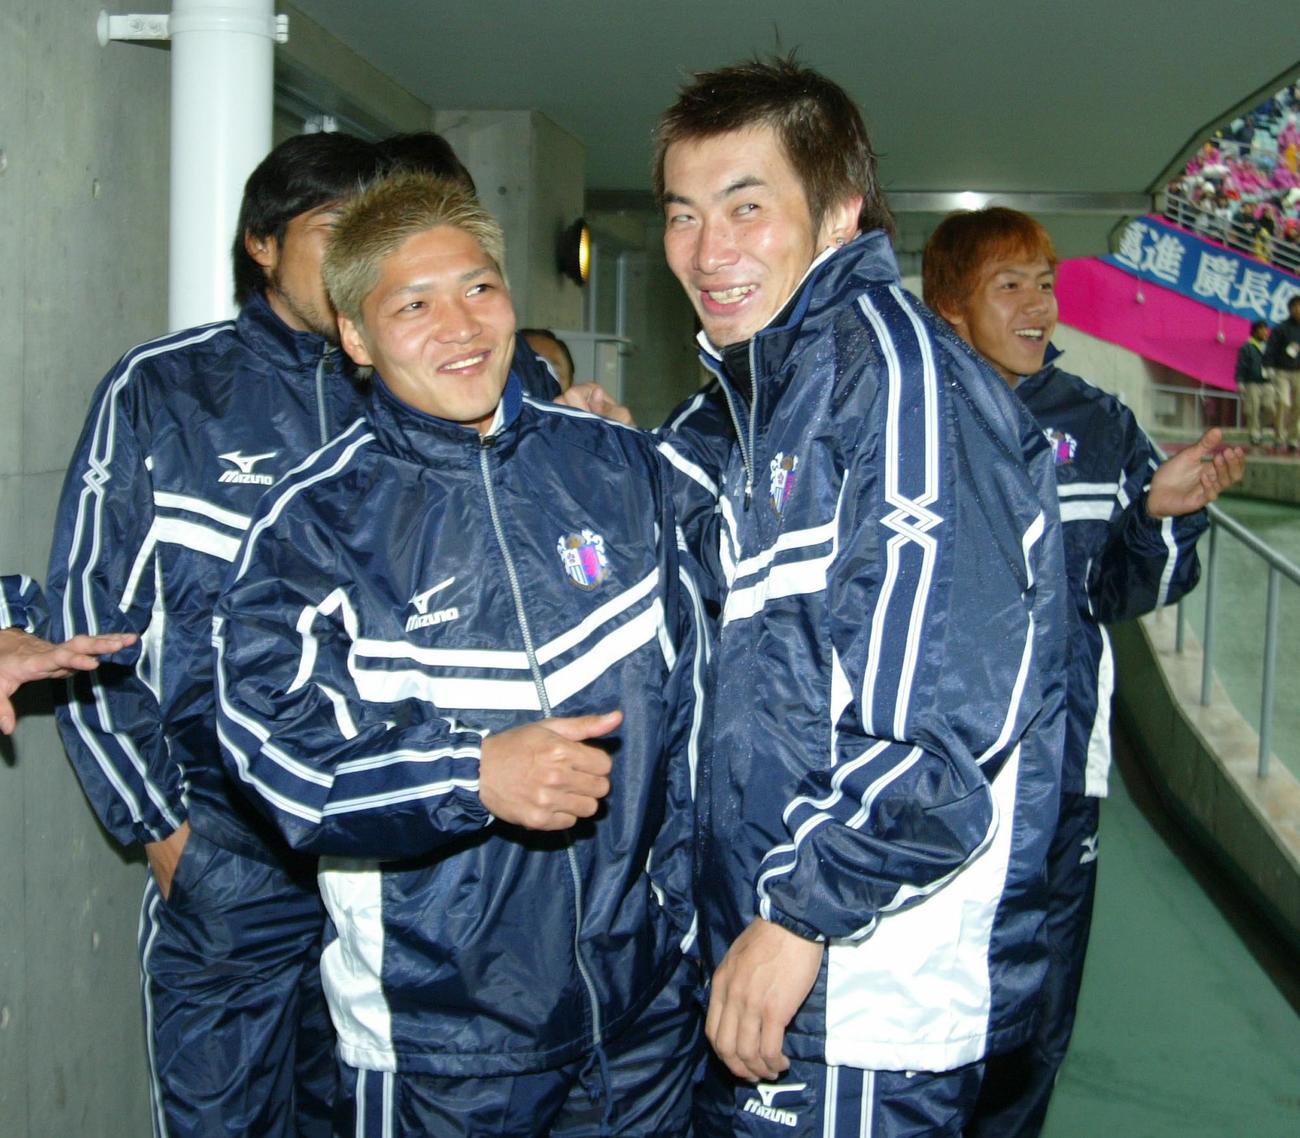 西沢明訓(右)はゲーム後、出場停止のFW大久保嘉人から「やりすぎですよ」と冷やかされていた(2003年11月24日撮影)